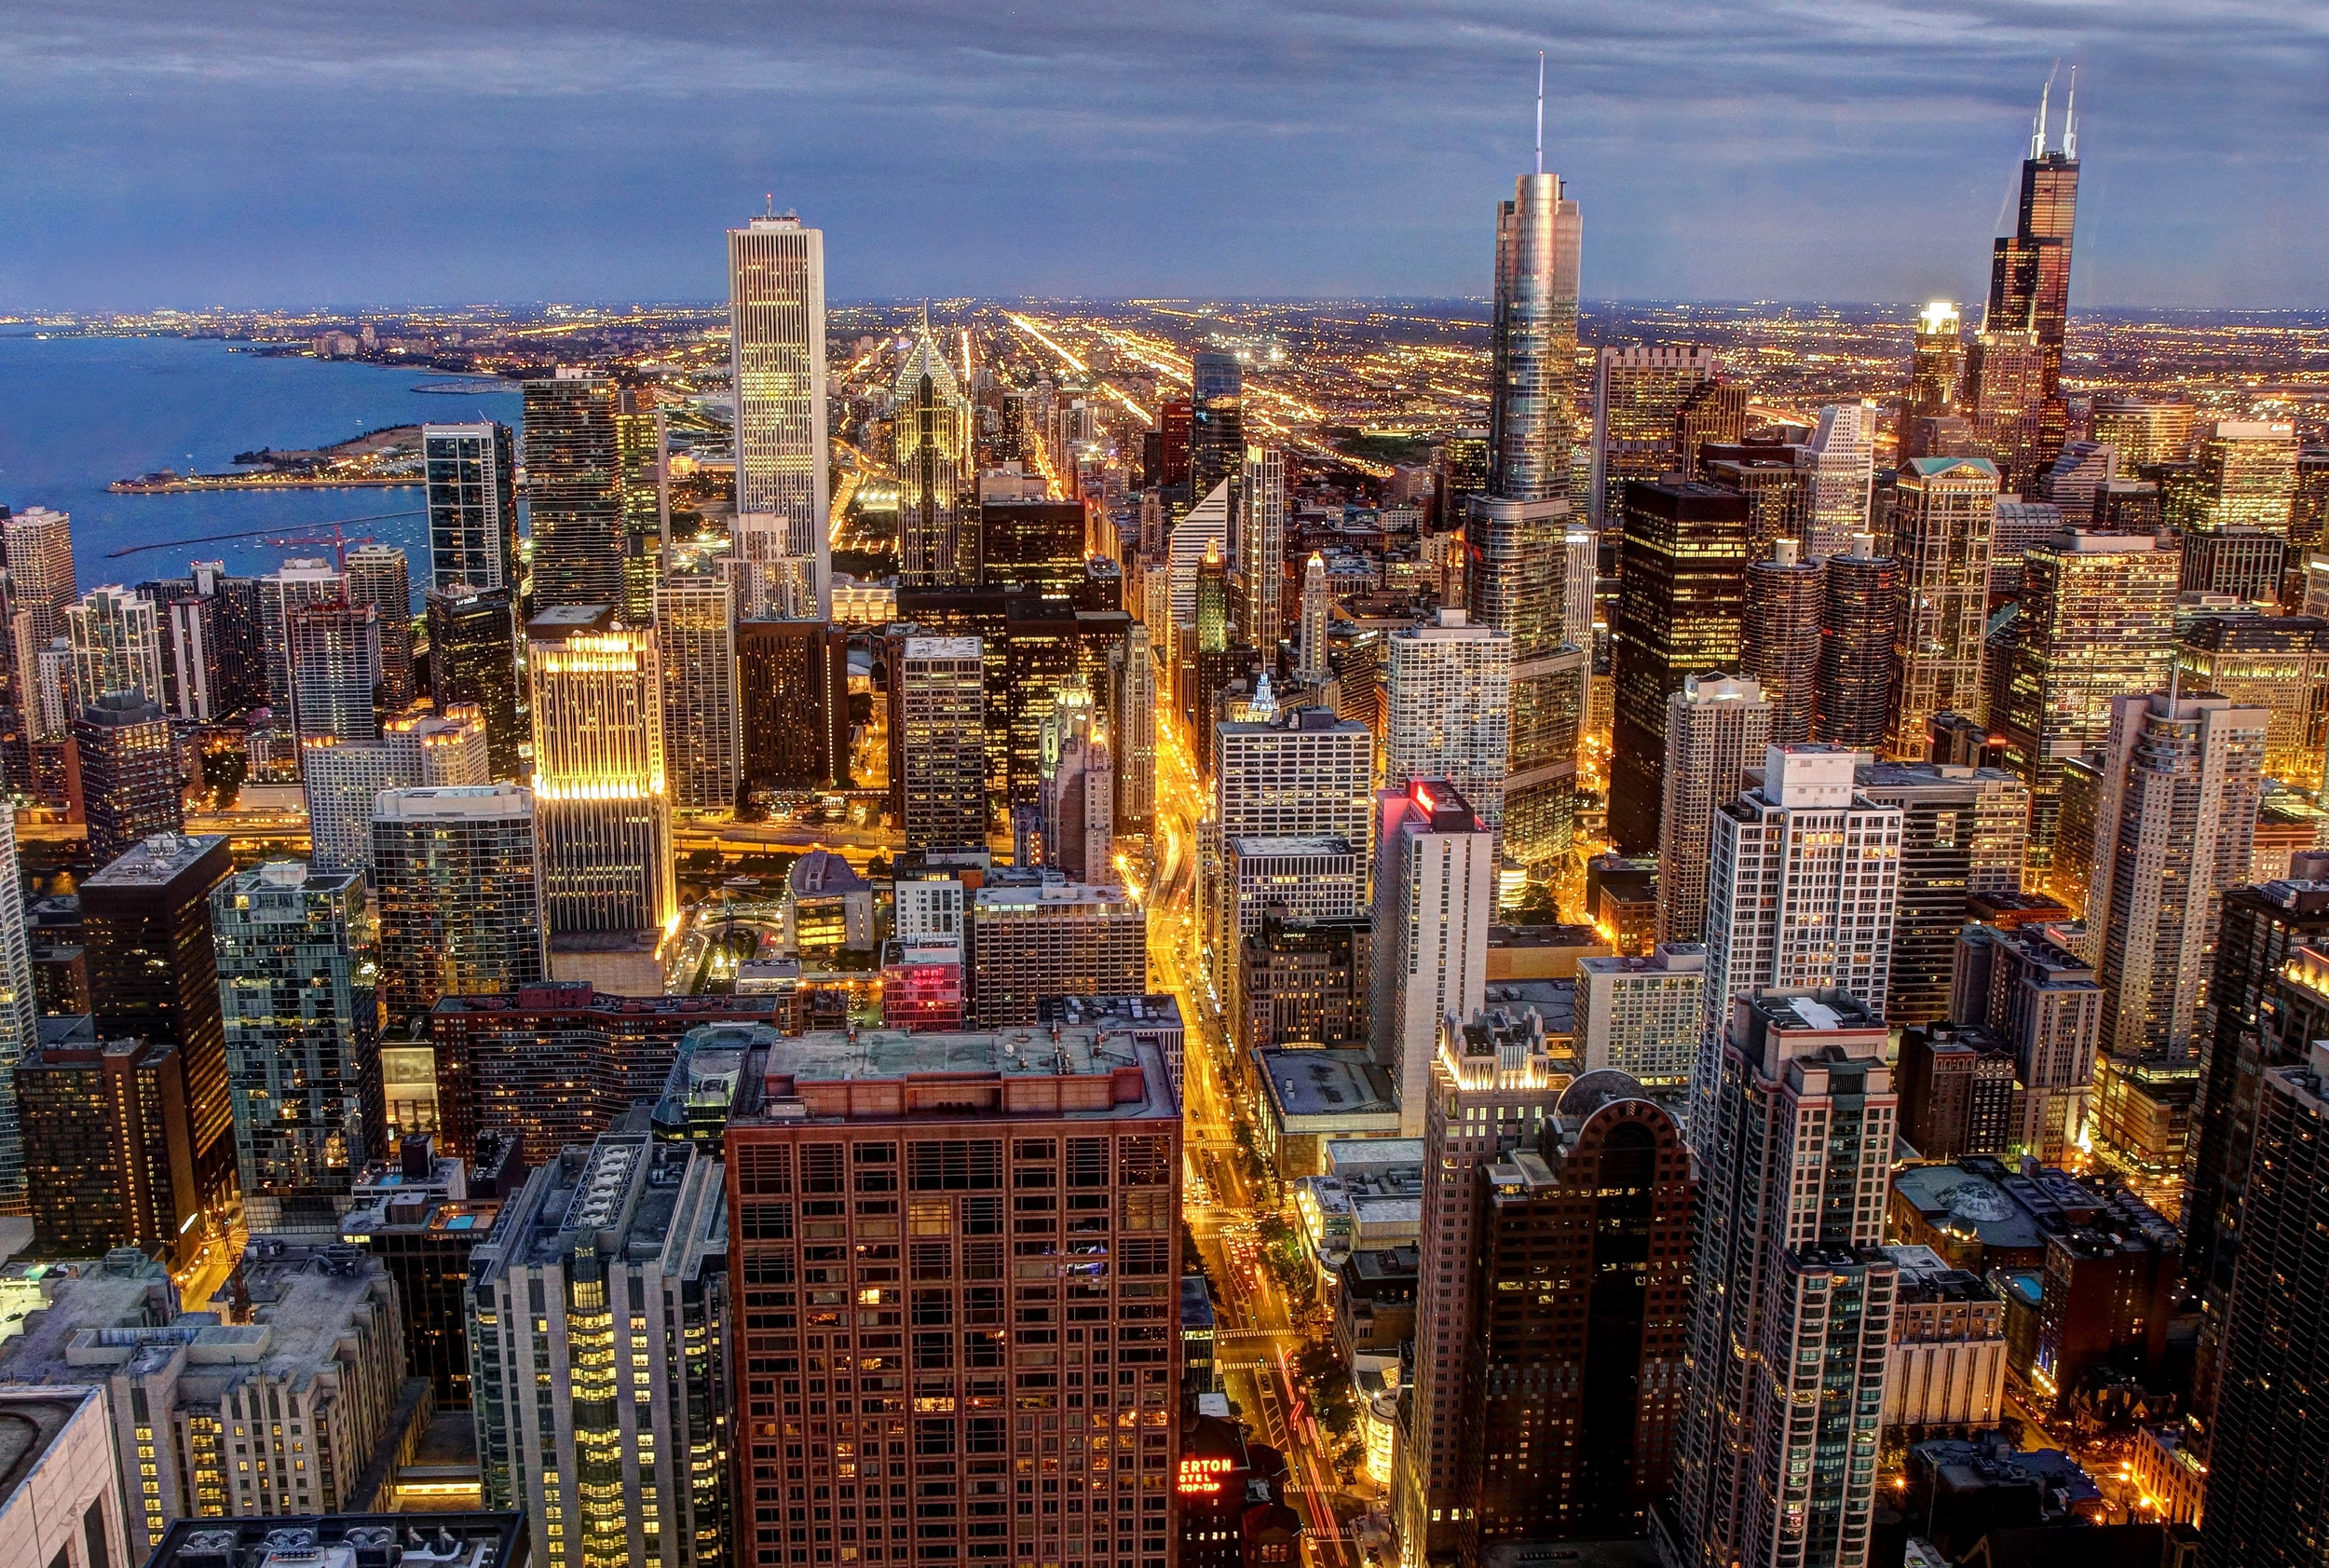 Chicago_skyline,_viewed_from_John_Hancock_Center.jpg